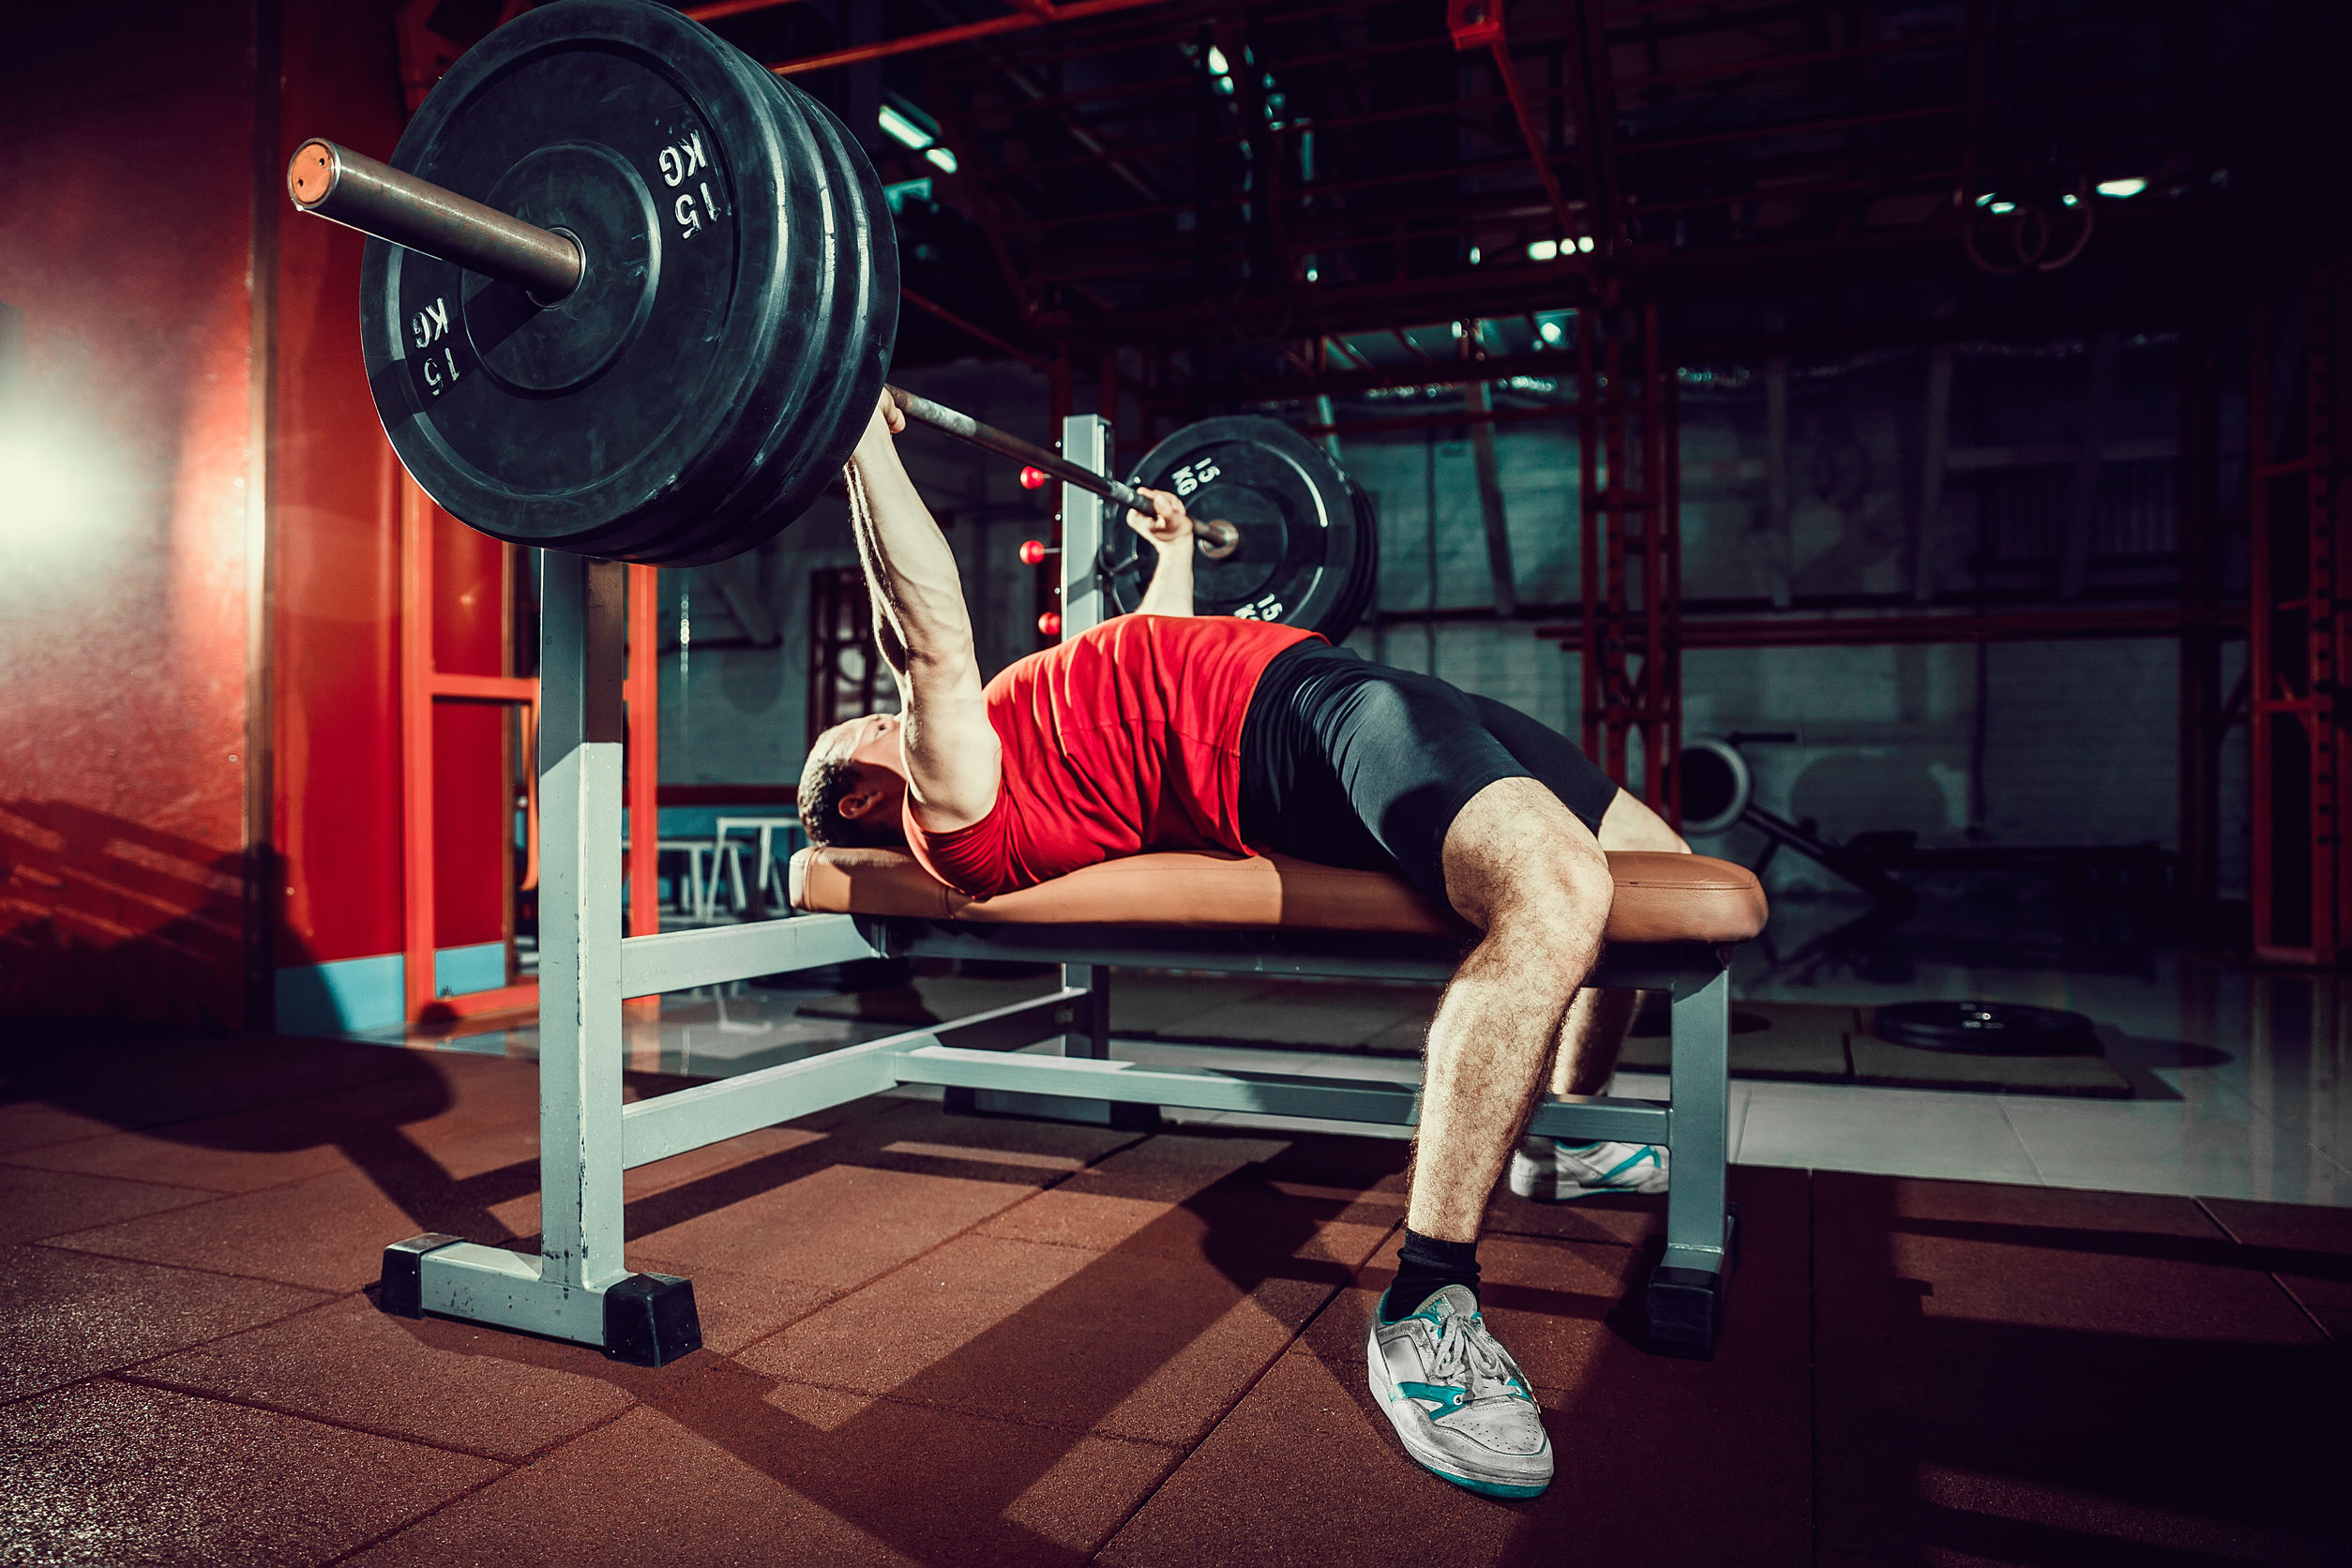 Imagem mostra um homem deitado num banco supino, levantando uma barra com anilhas de 15 quilos .